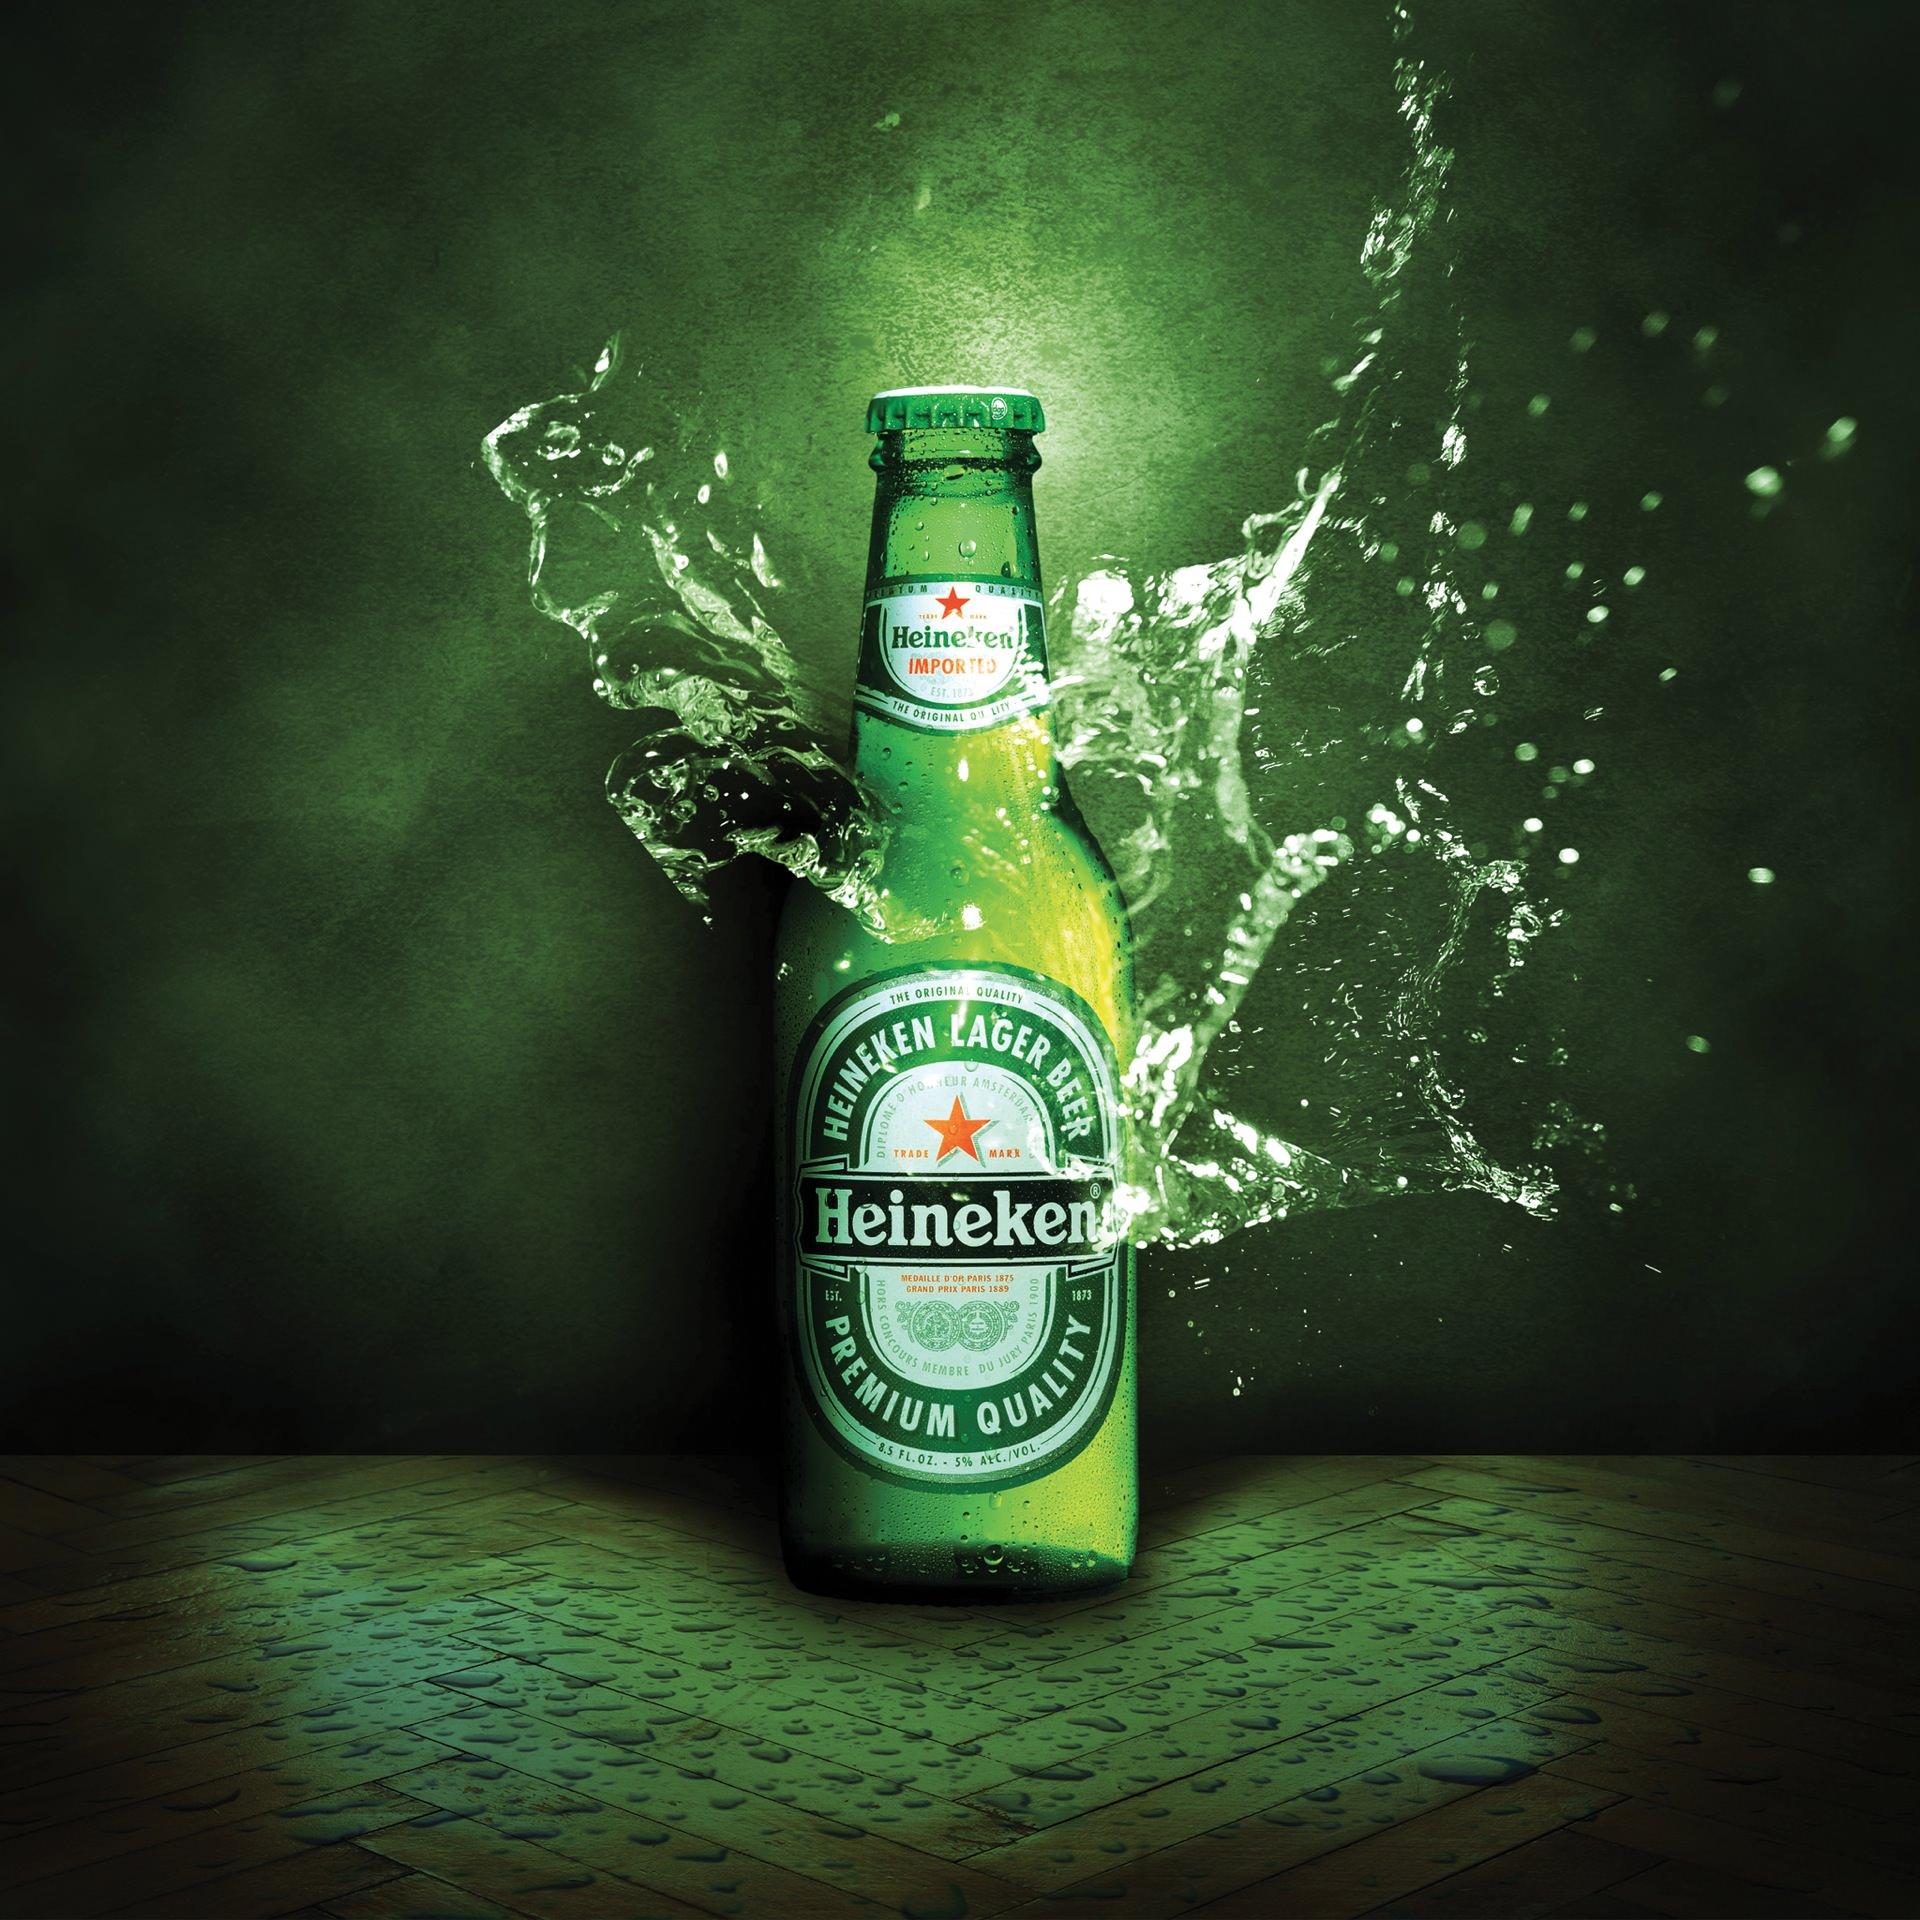 Food Heineken | wallpaper.sc SmartPhone